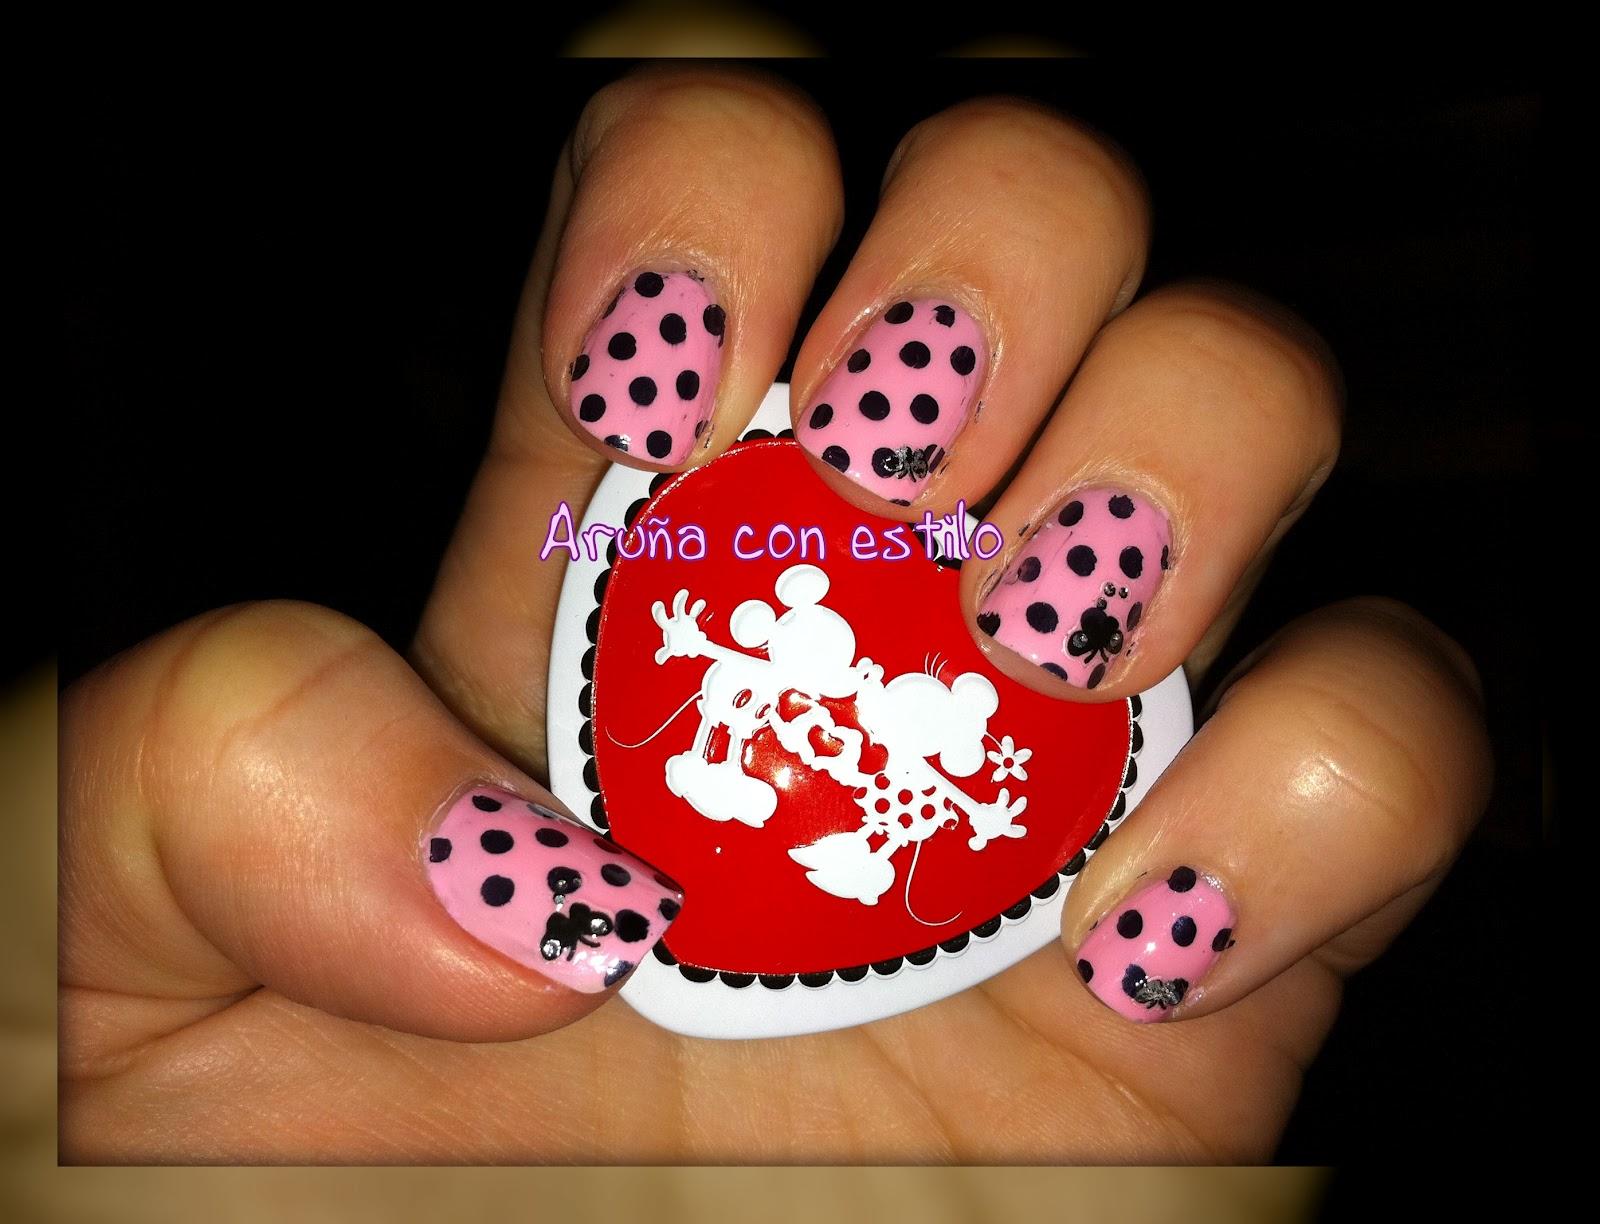 Aruña con estilo: El perfecto rosa pastel y colección Mickey Mouse H&M